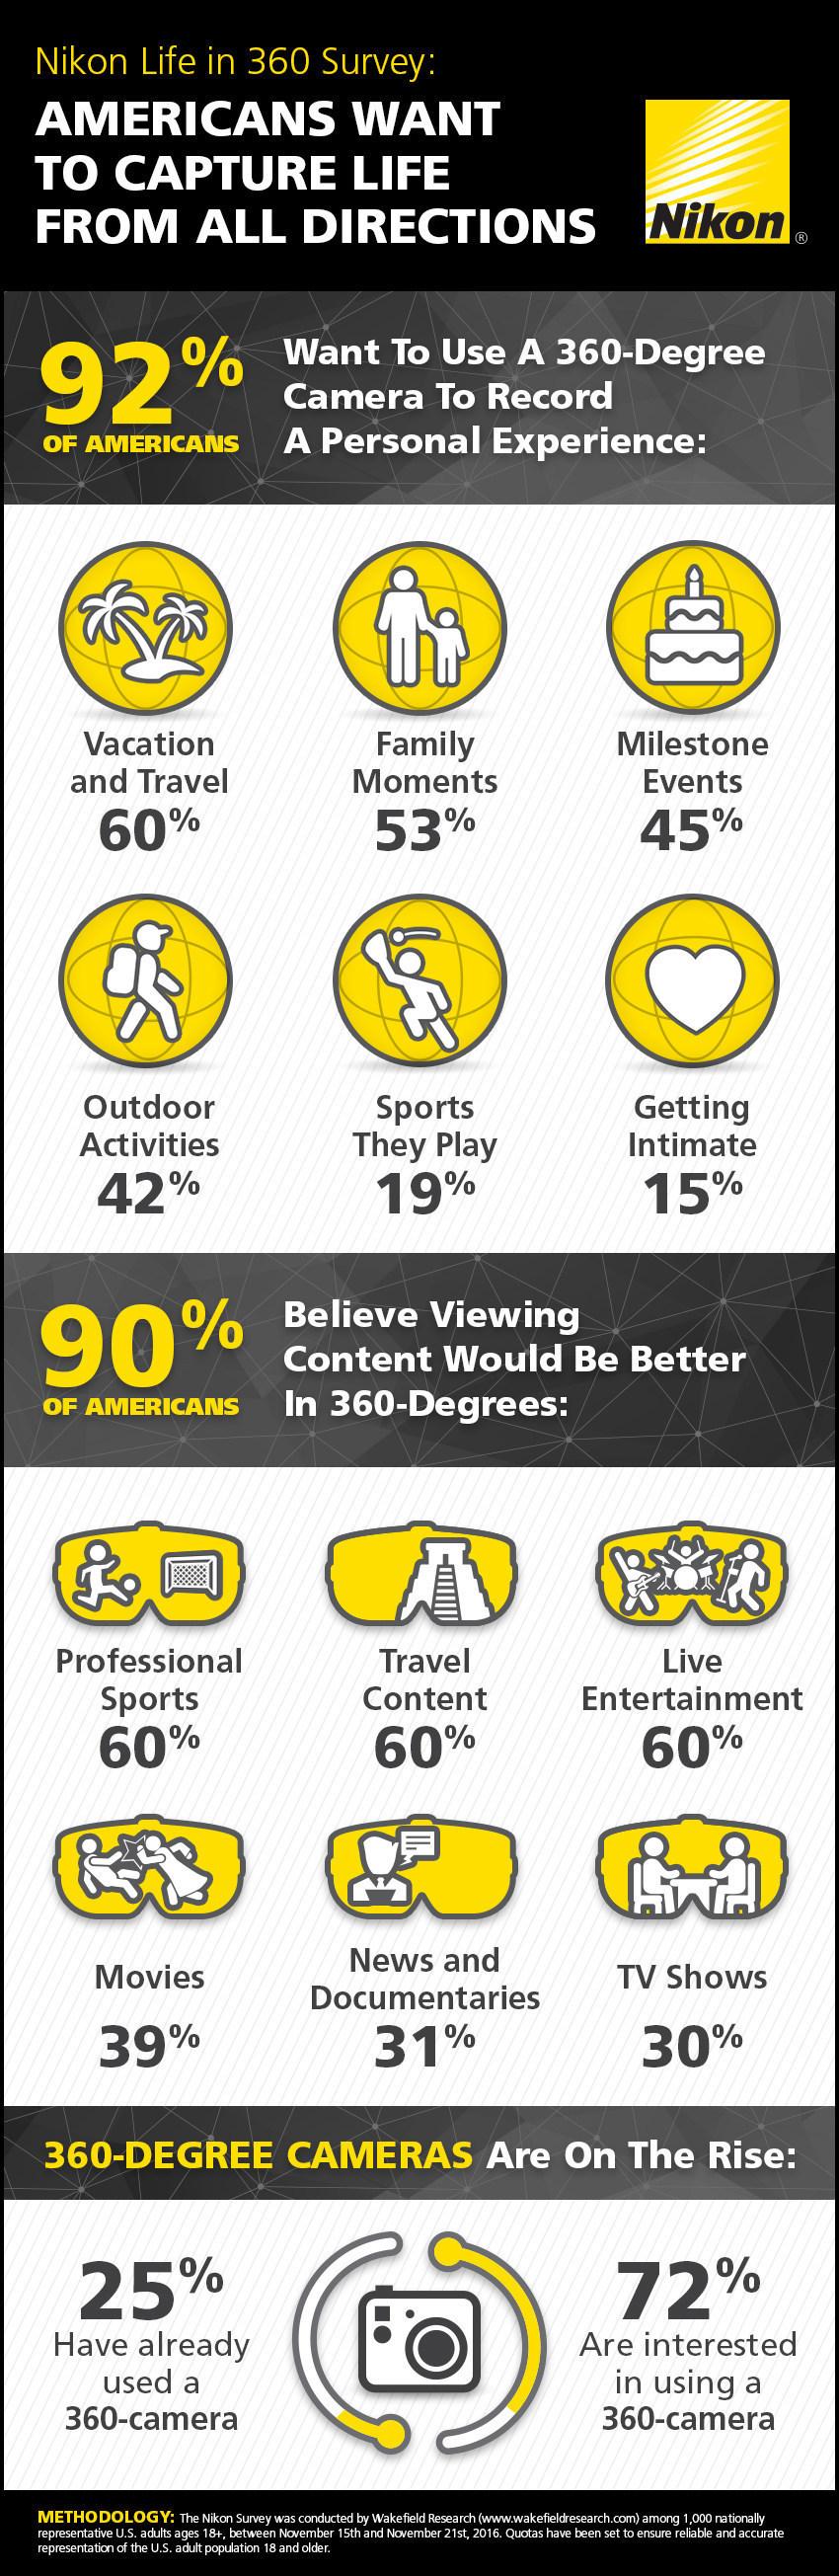 Nikon's Life in 360 Survey (PRNewsFoto/Nikon)